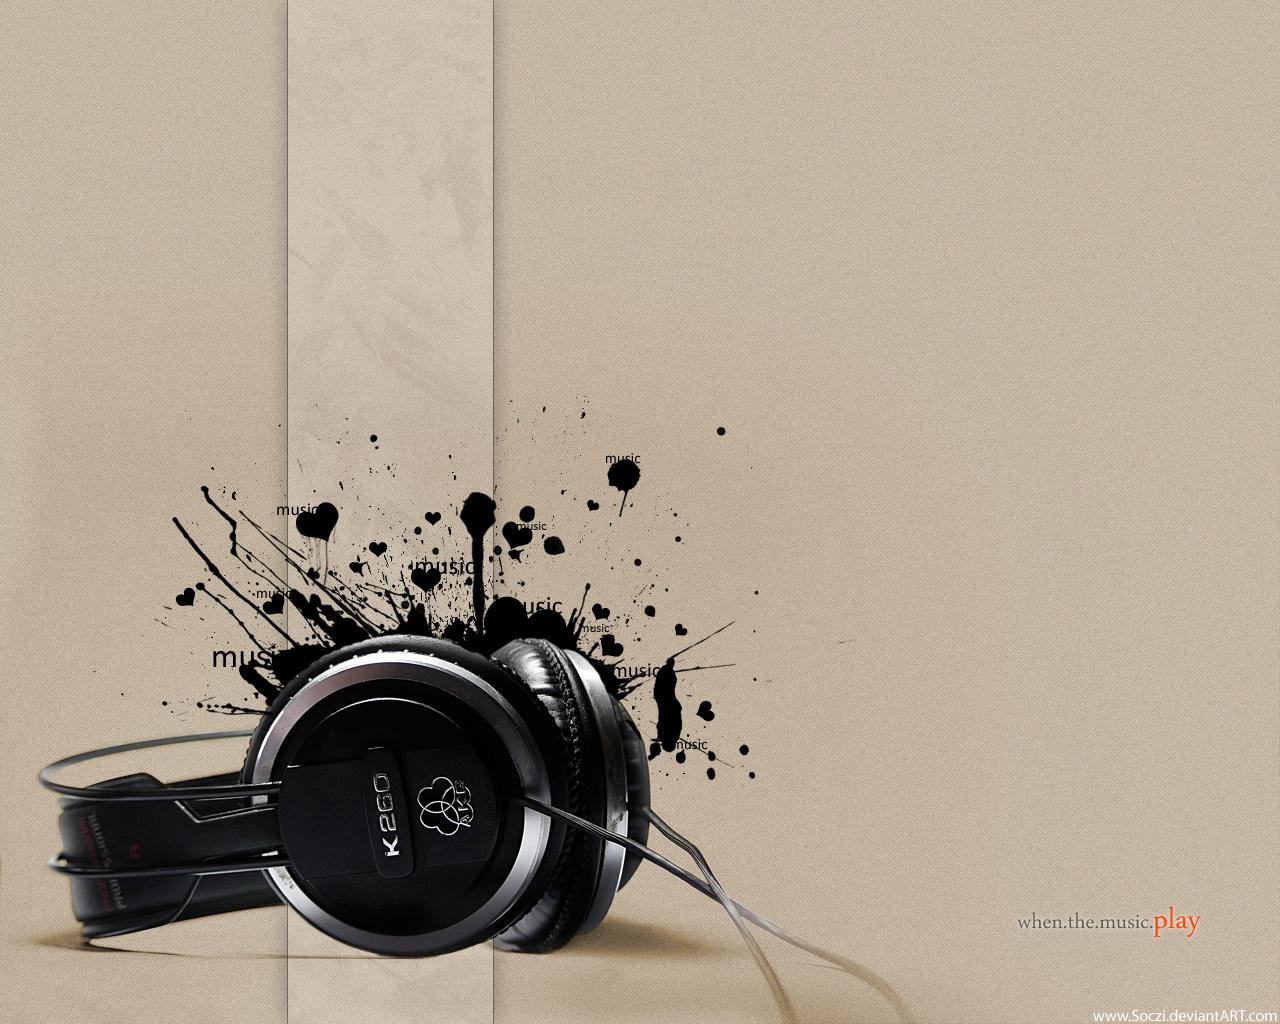 http://3.bp.blogspot.com/-a_-lUJhicJc/UAqdodlQDEI/AAAAAAAAADY/d03THaqOWHE/s1600/headphones_music_desktop_1280x1024_hd-wallpaper-39991.jpg